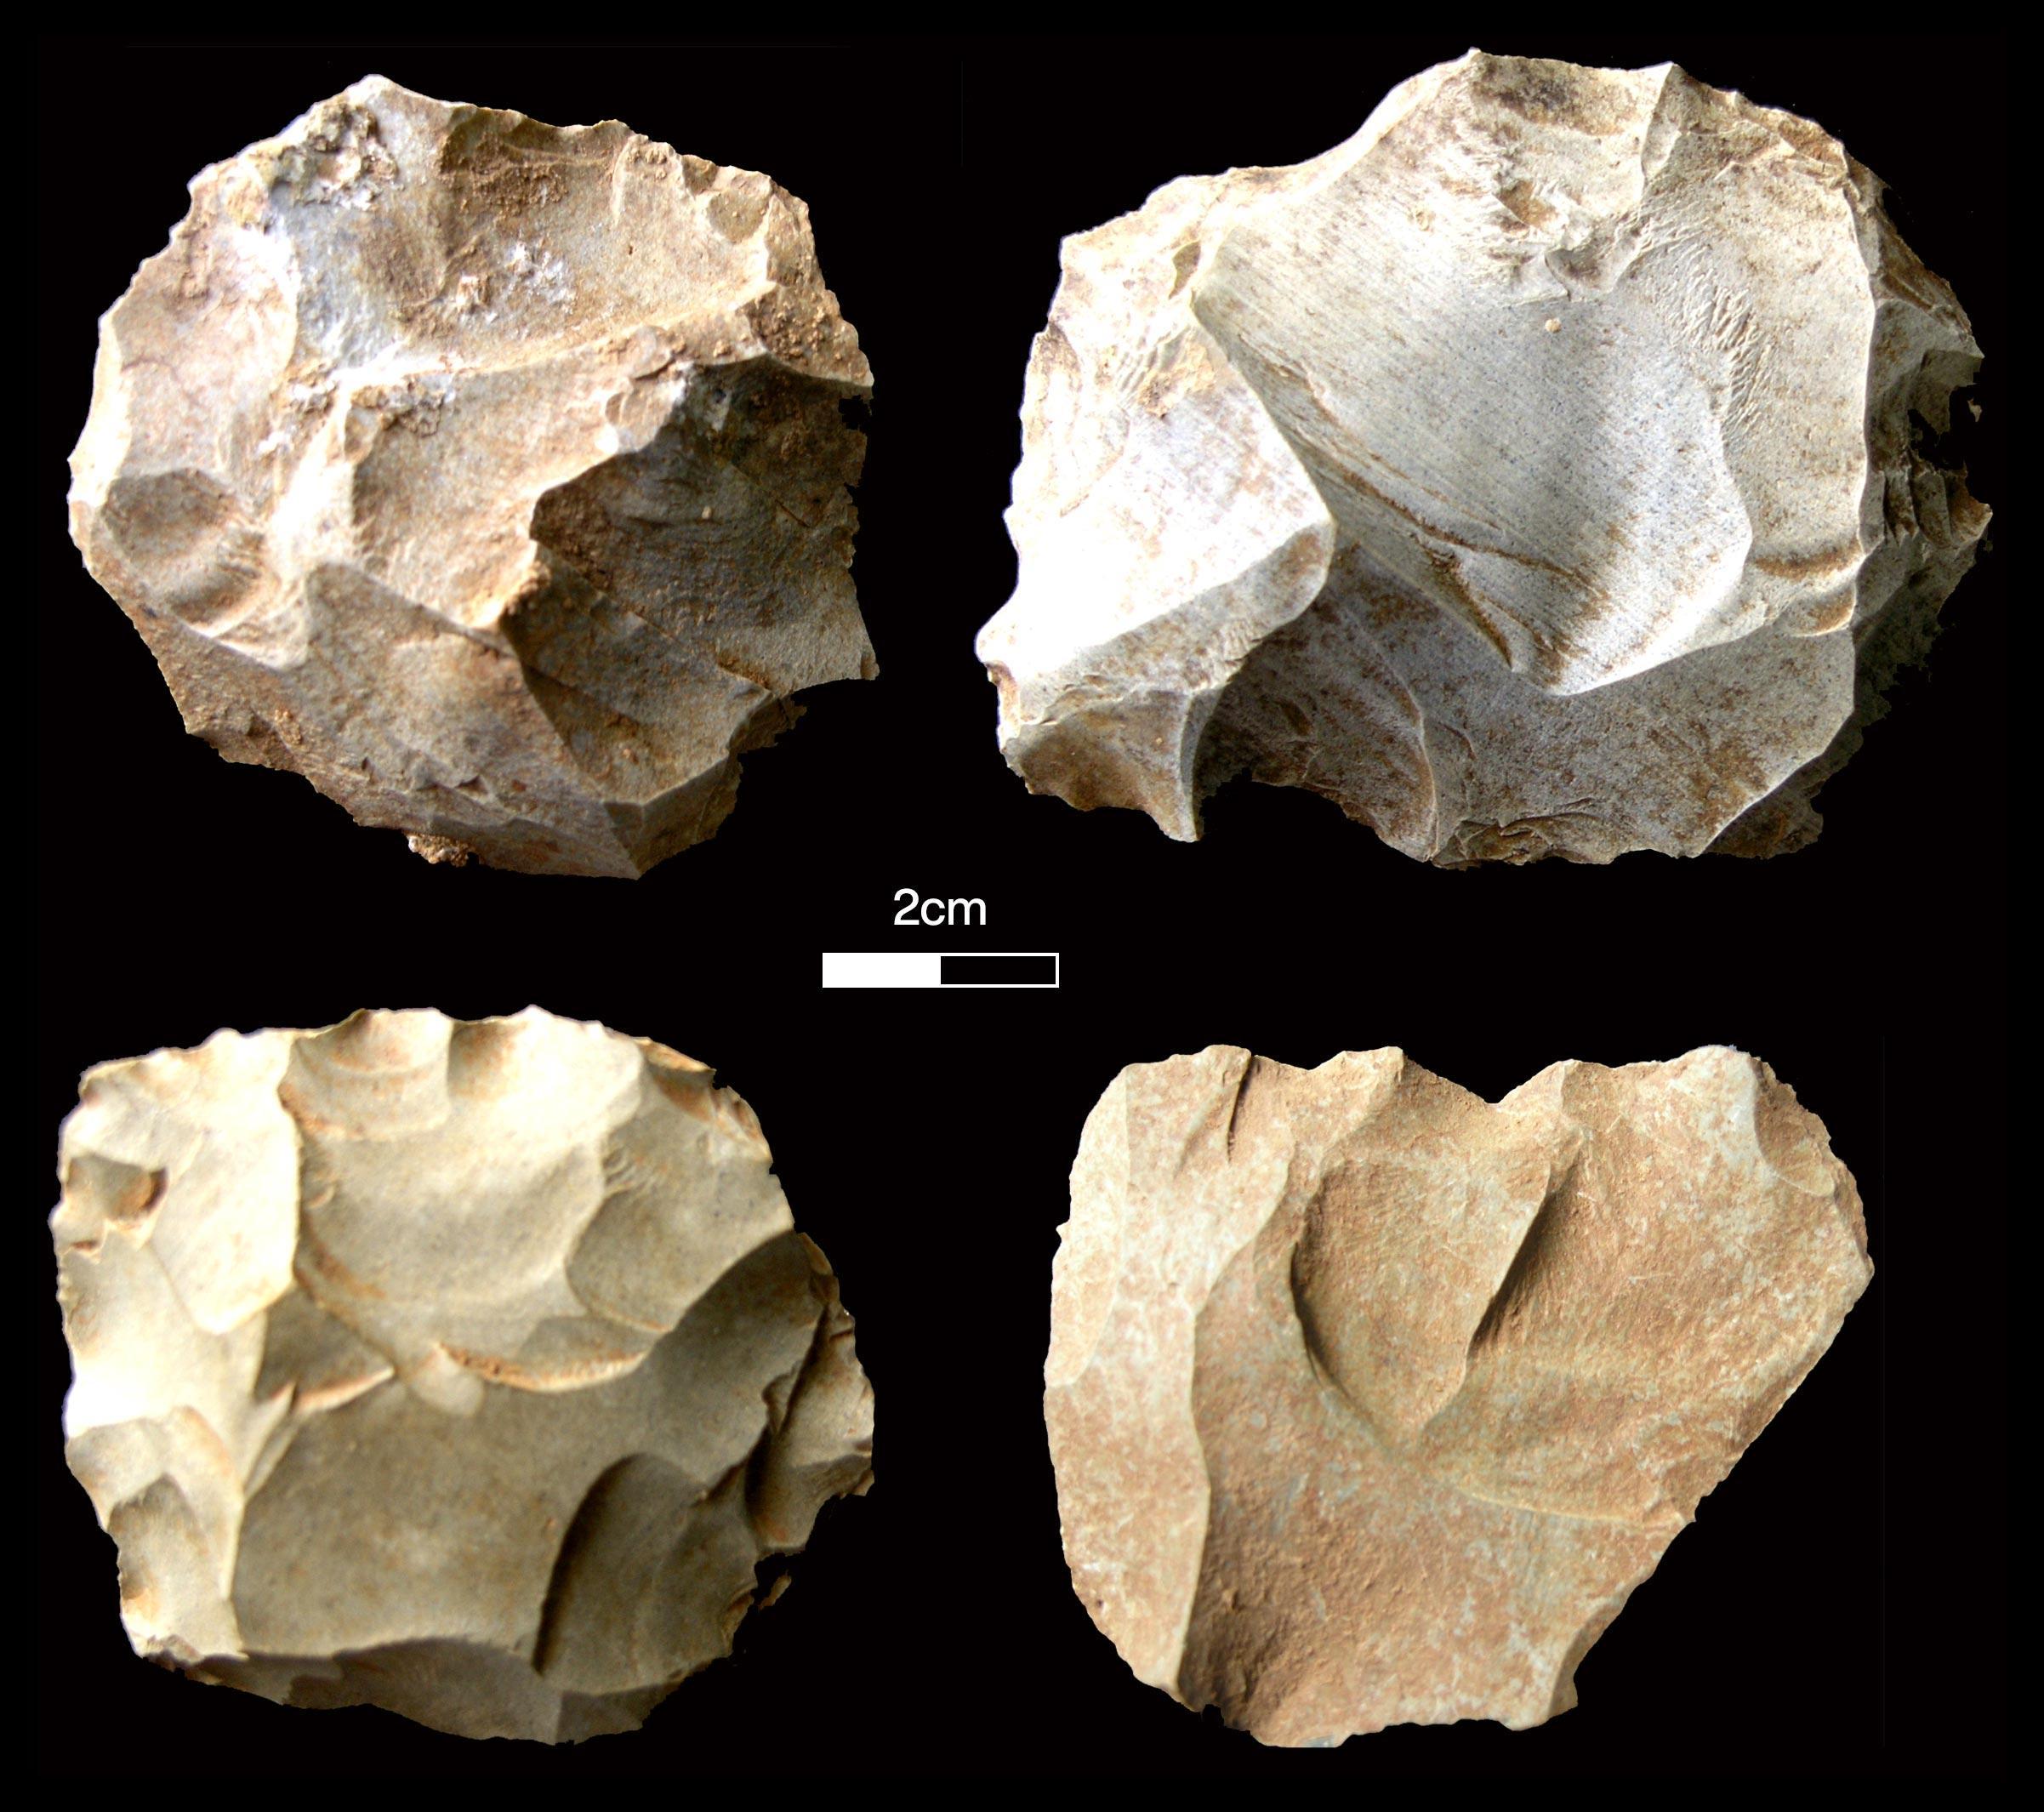 Археологи снова опровергли гипотезу о смертоносности древнего супервулкана